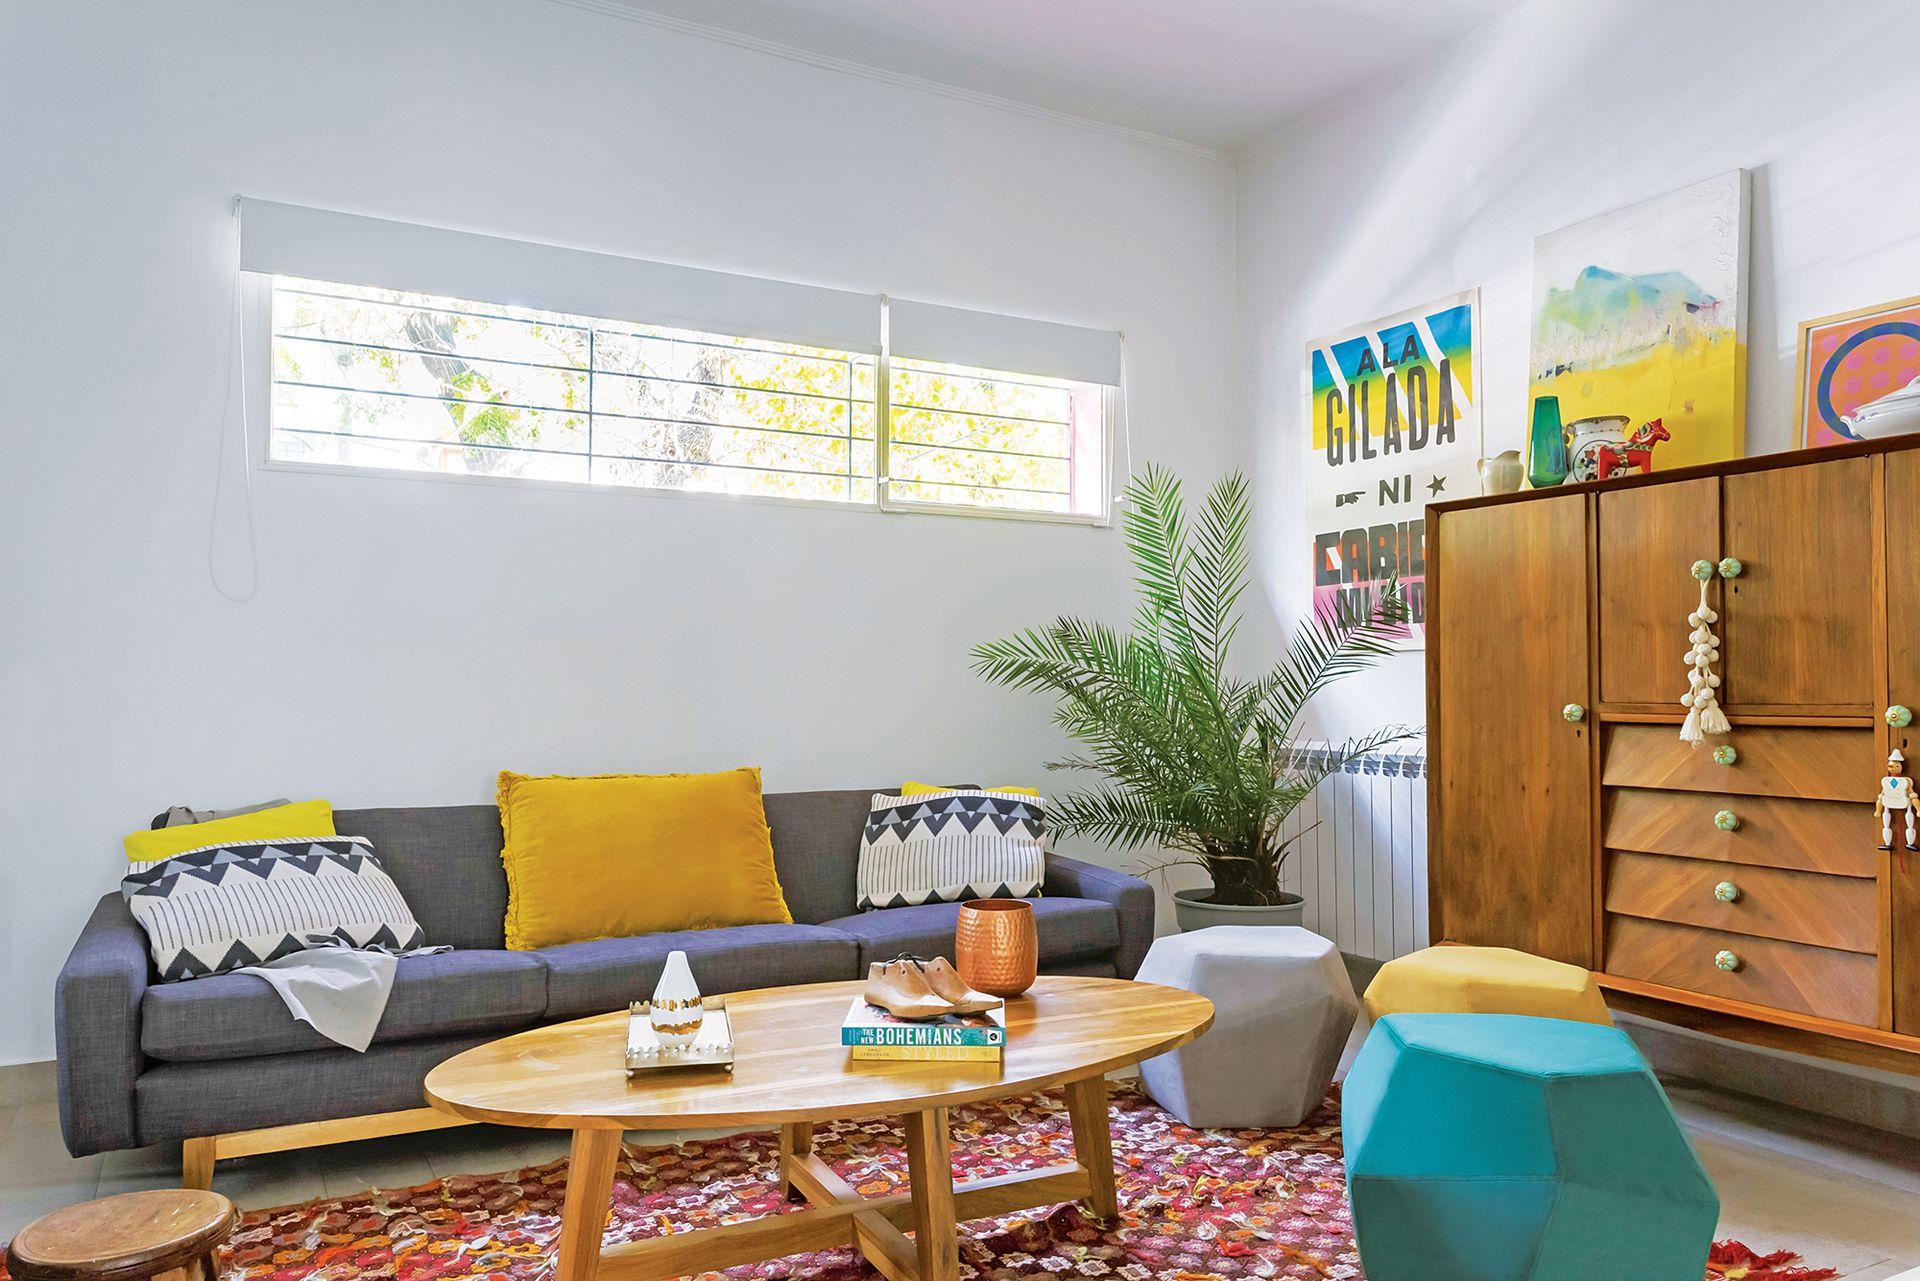 En el living, alfombra (Olivia D), mesa ratona de petiribí diseñada por Santiago y pufs geométricos en pana (Analía Espiga).